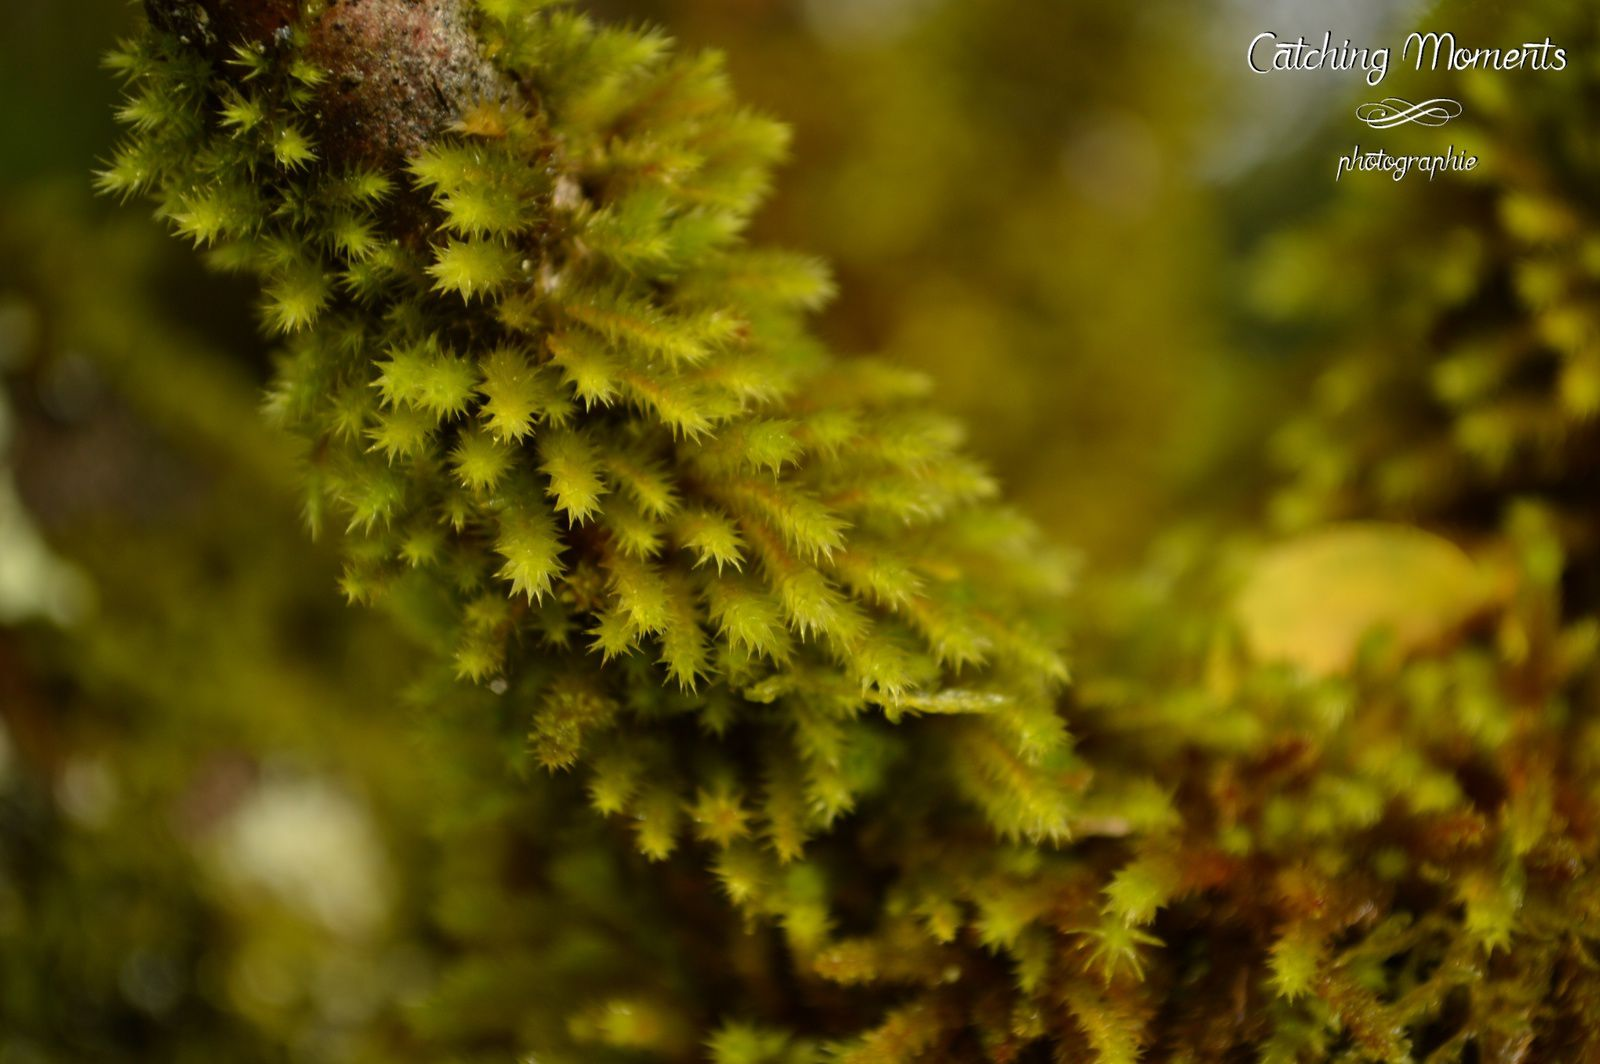 Nature au naturel.